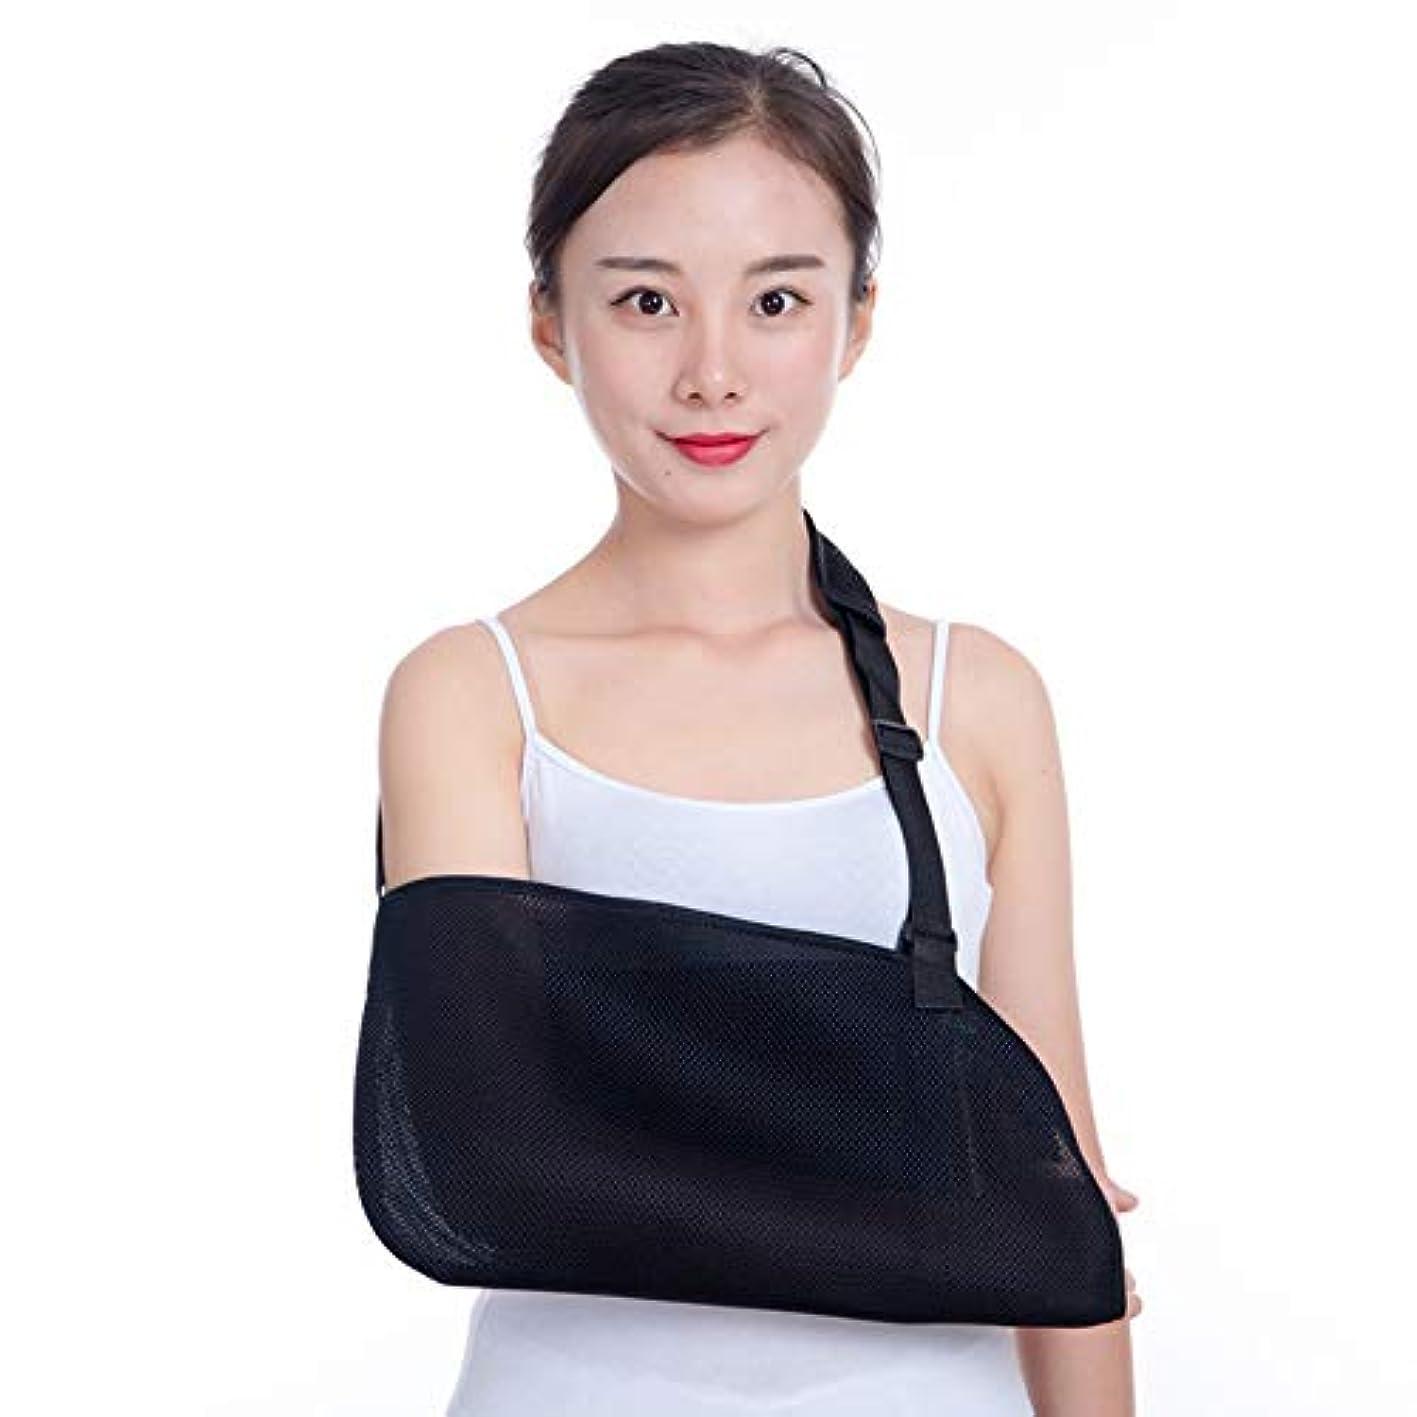 脚本家直面する五月壊れた手首の肘固定用の成人用通気性メッシュ調節可能な前腕回旋腱板サポート軽量快適のためのアームスリングブレース,Black